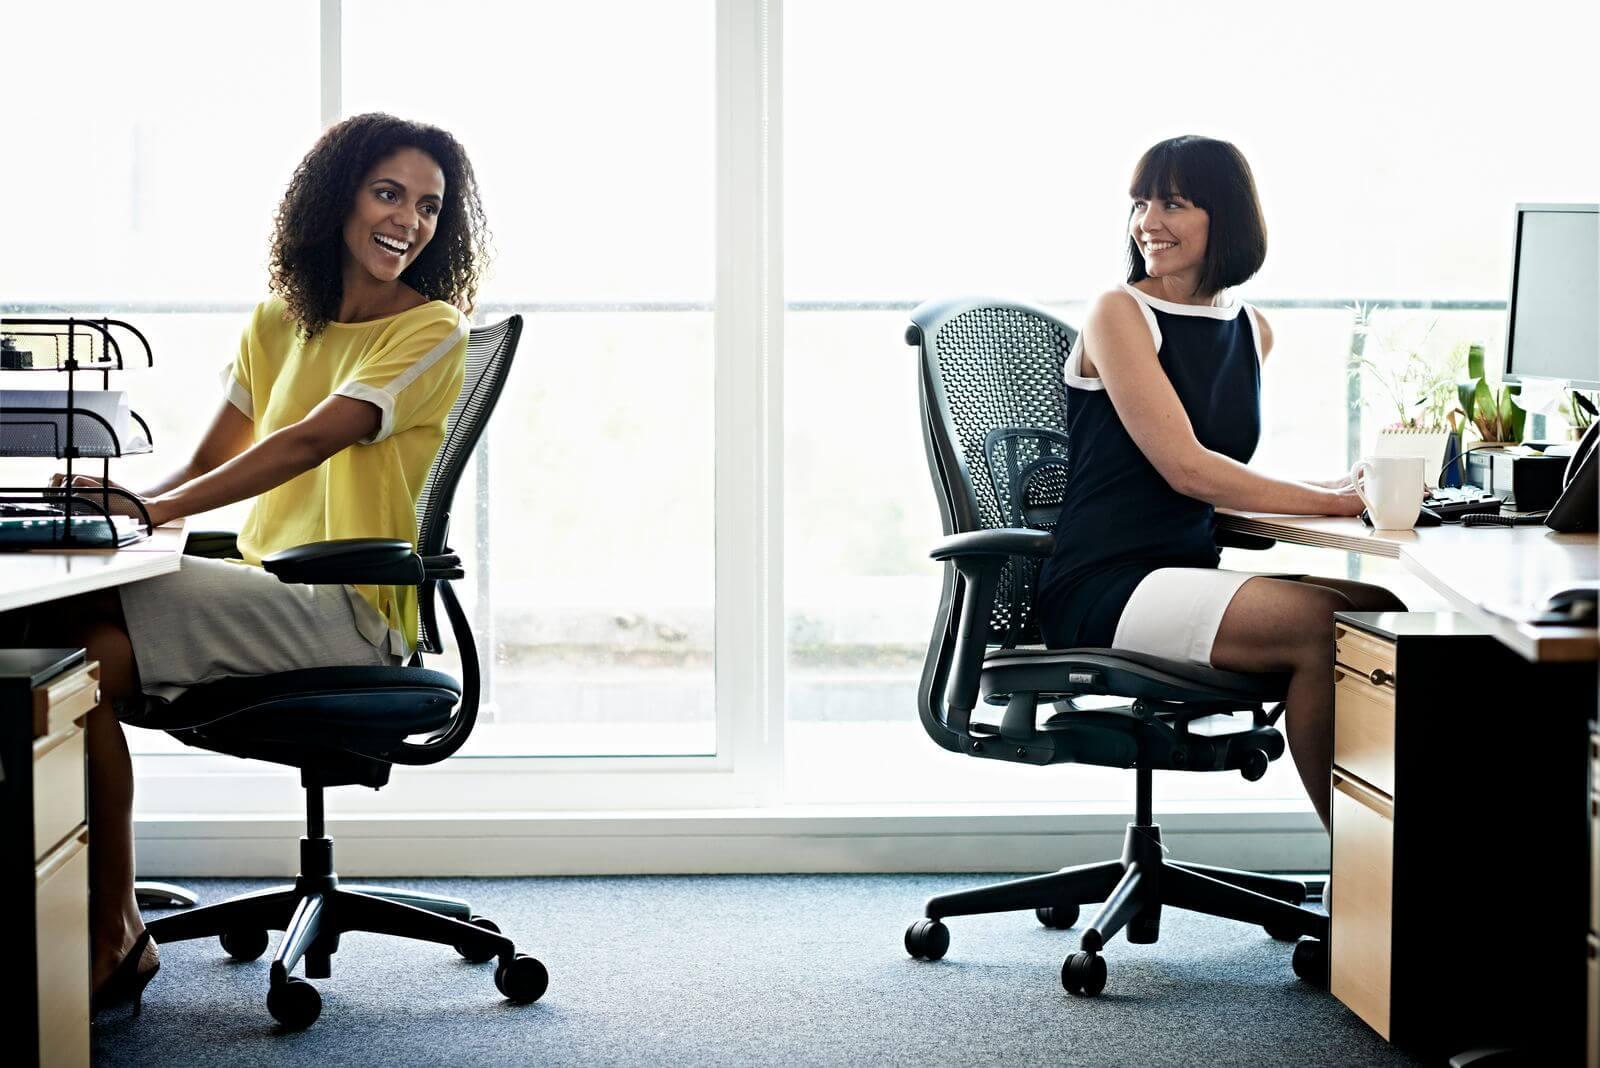 Des collègues assises sur des chaises de bureau